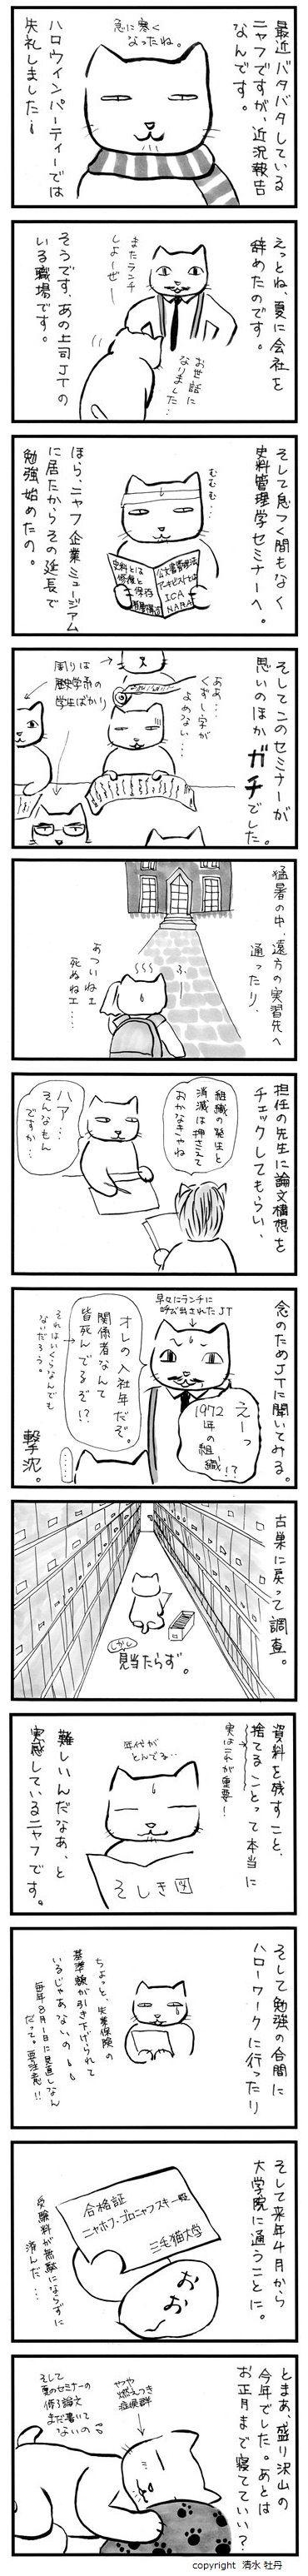 natsunyafu